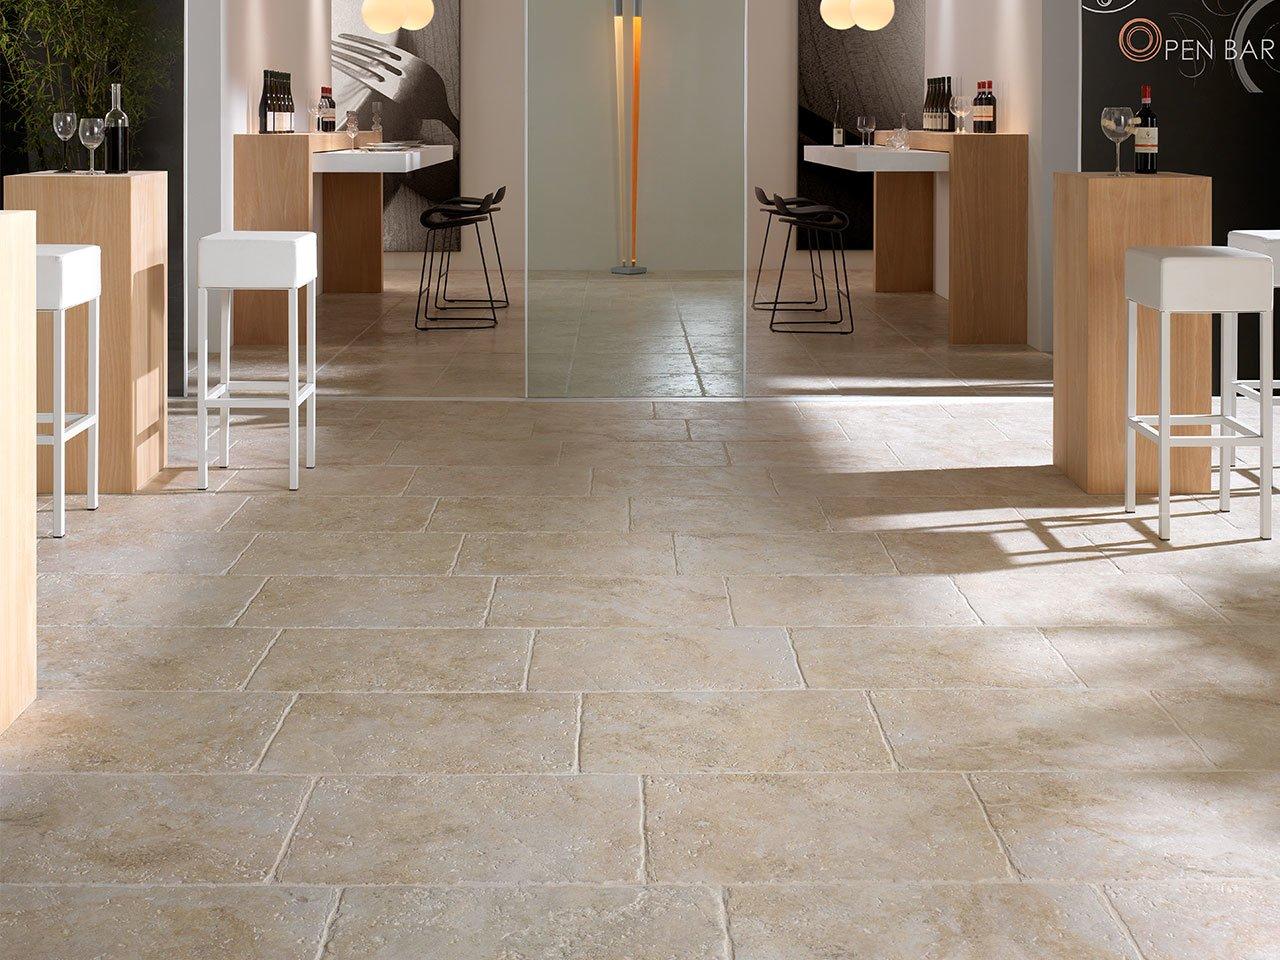 Pavimenti gres porcellanato effetto marmo idea creativa - Pavimenti gres porcellanato ...